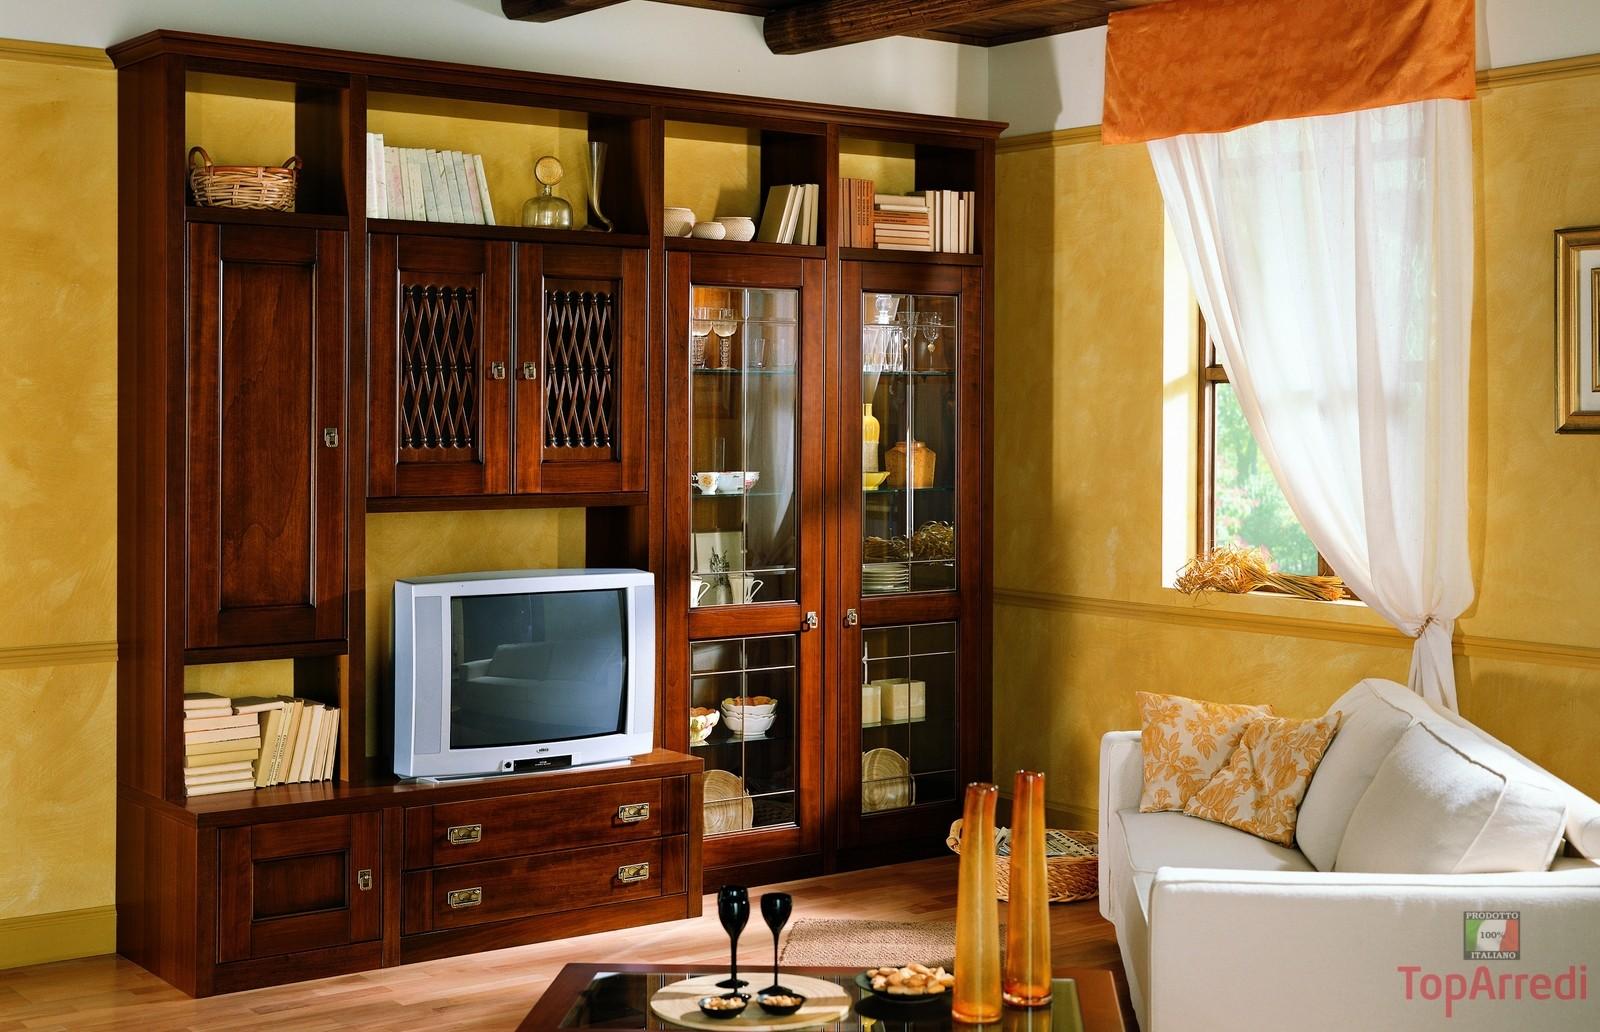 Arredamento e mobili online tre consigli utili per arredare un soggiorno in stile classico - Mobili soggiorno classico ...